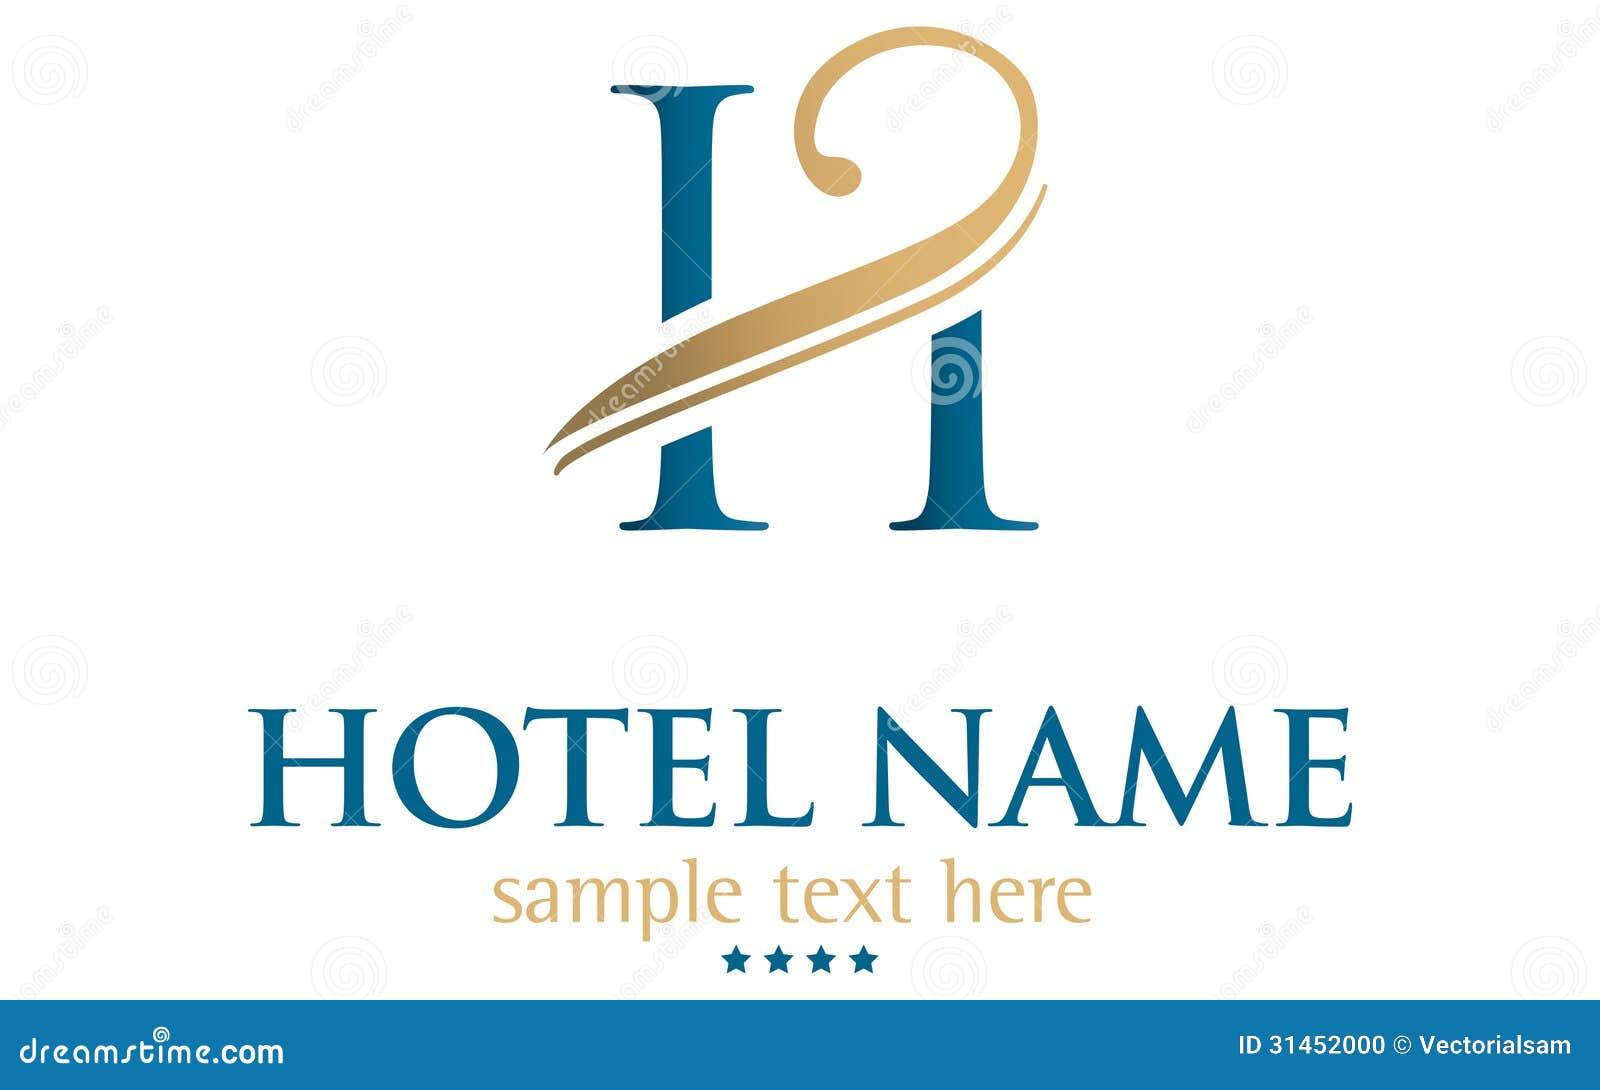 Hotel Name Stock Photo Image 31452000